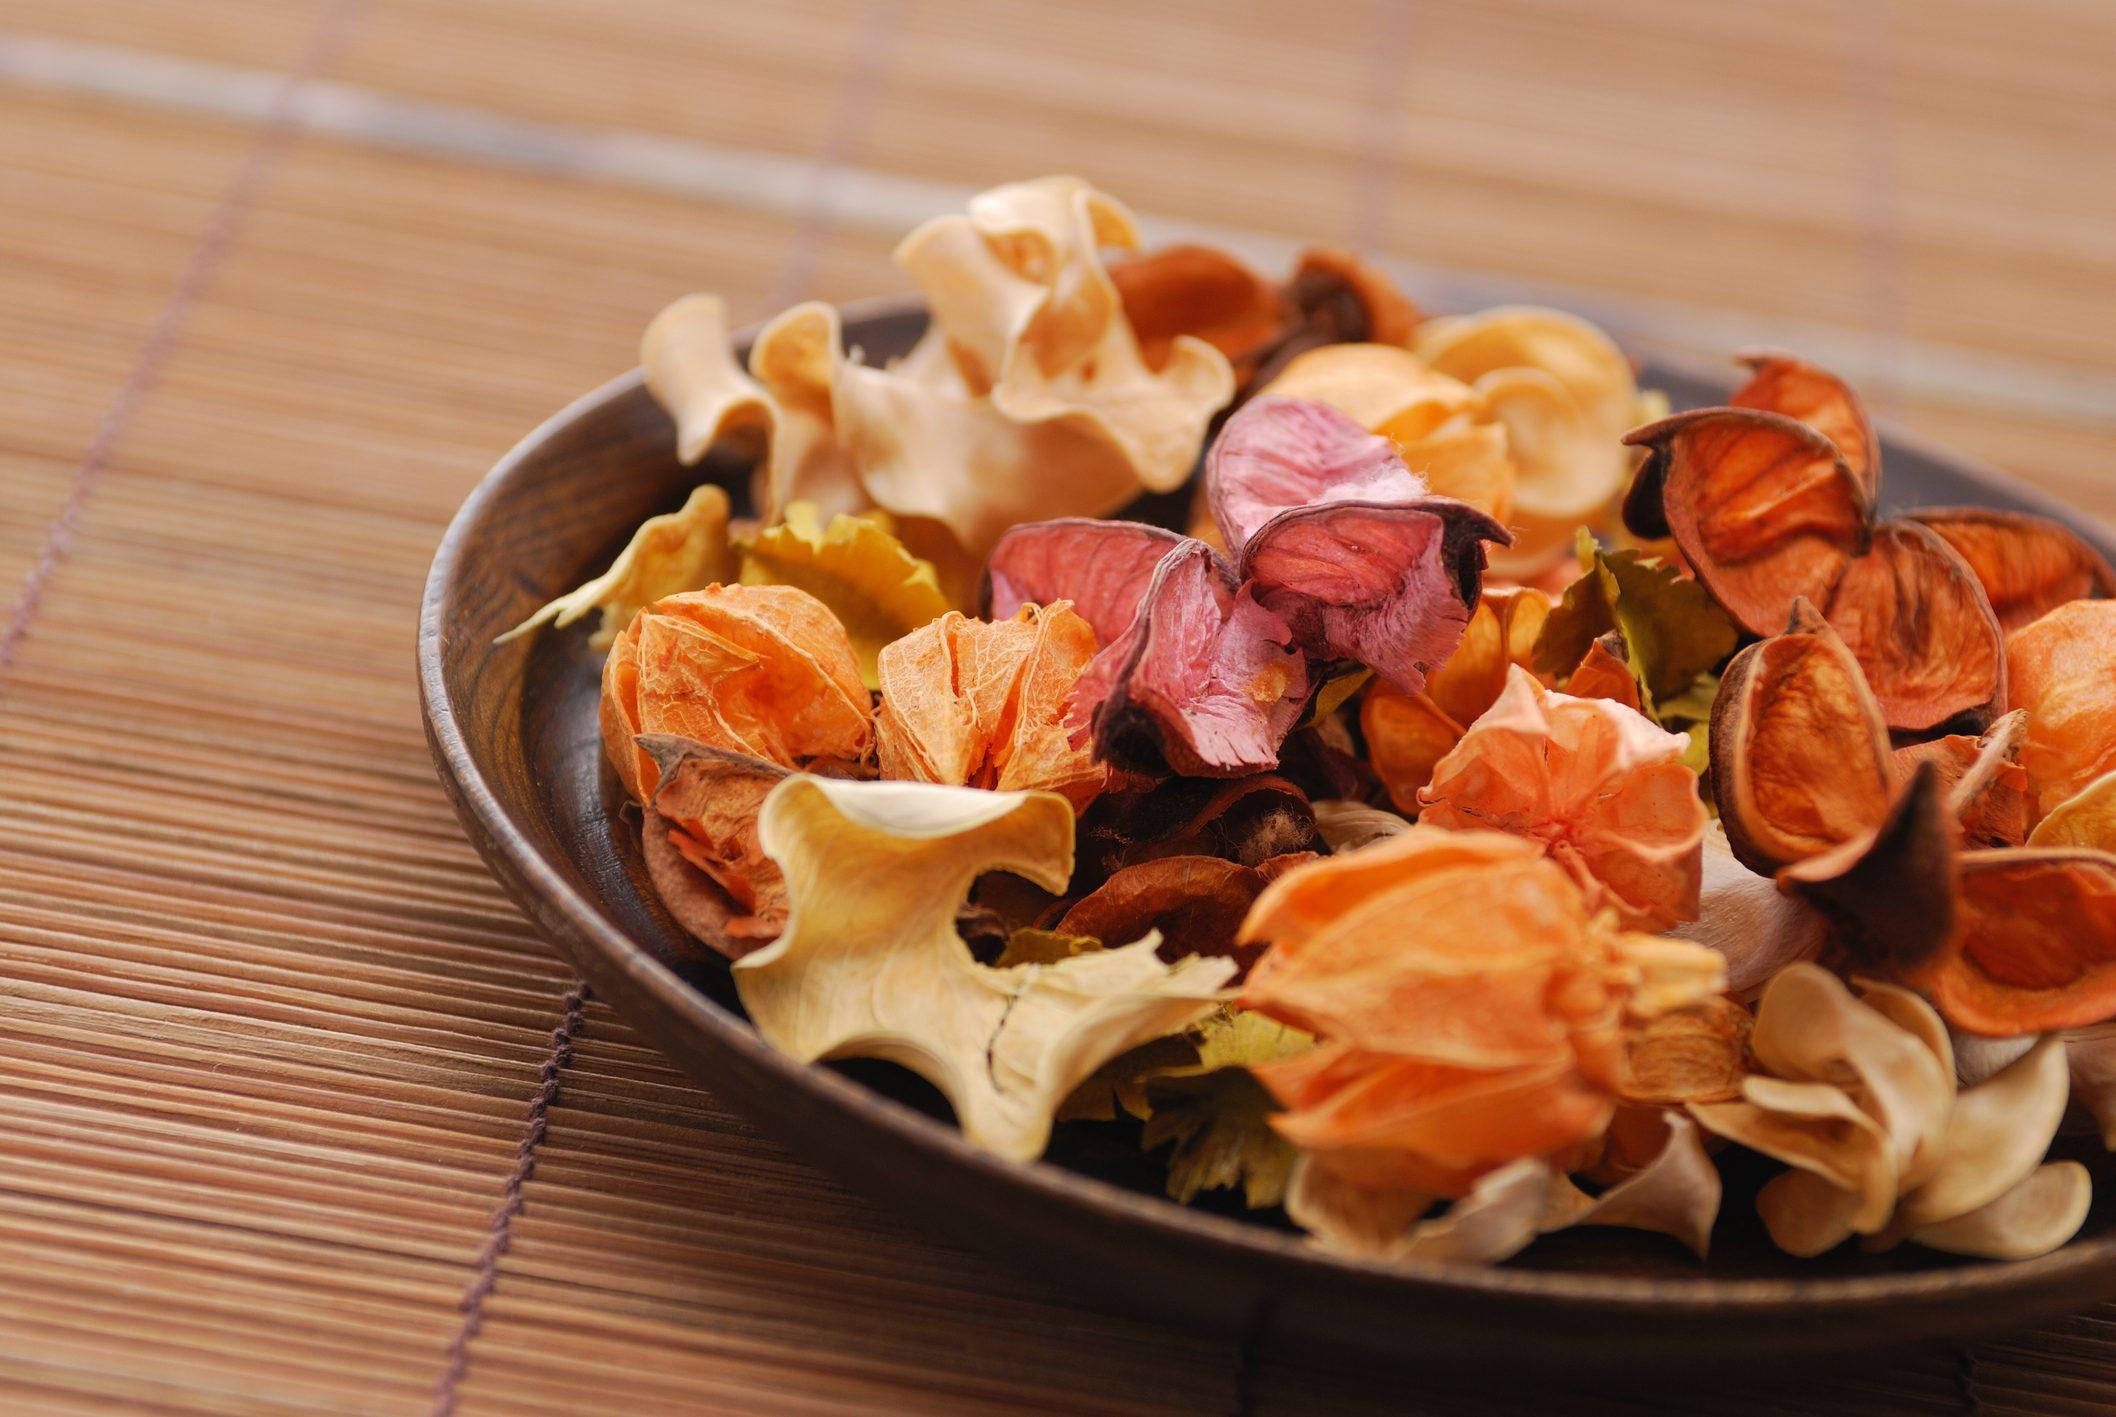 Potpourri in a bowl